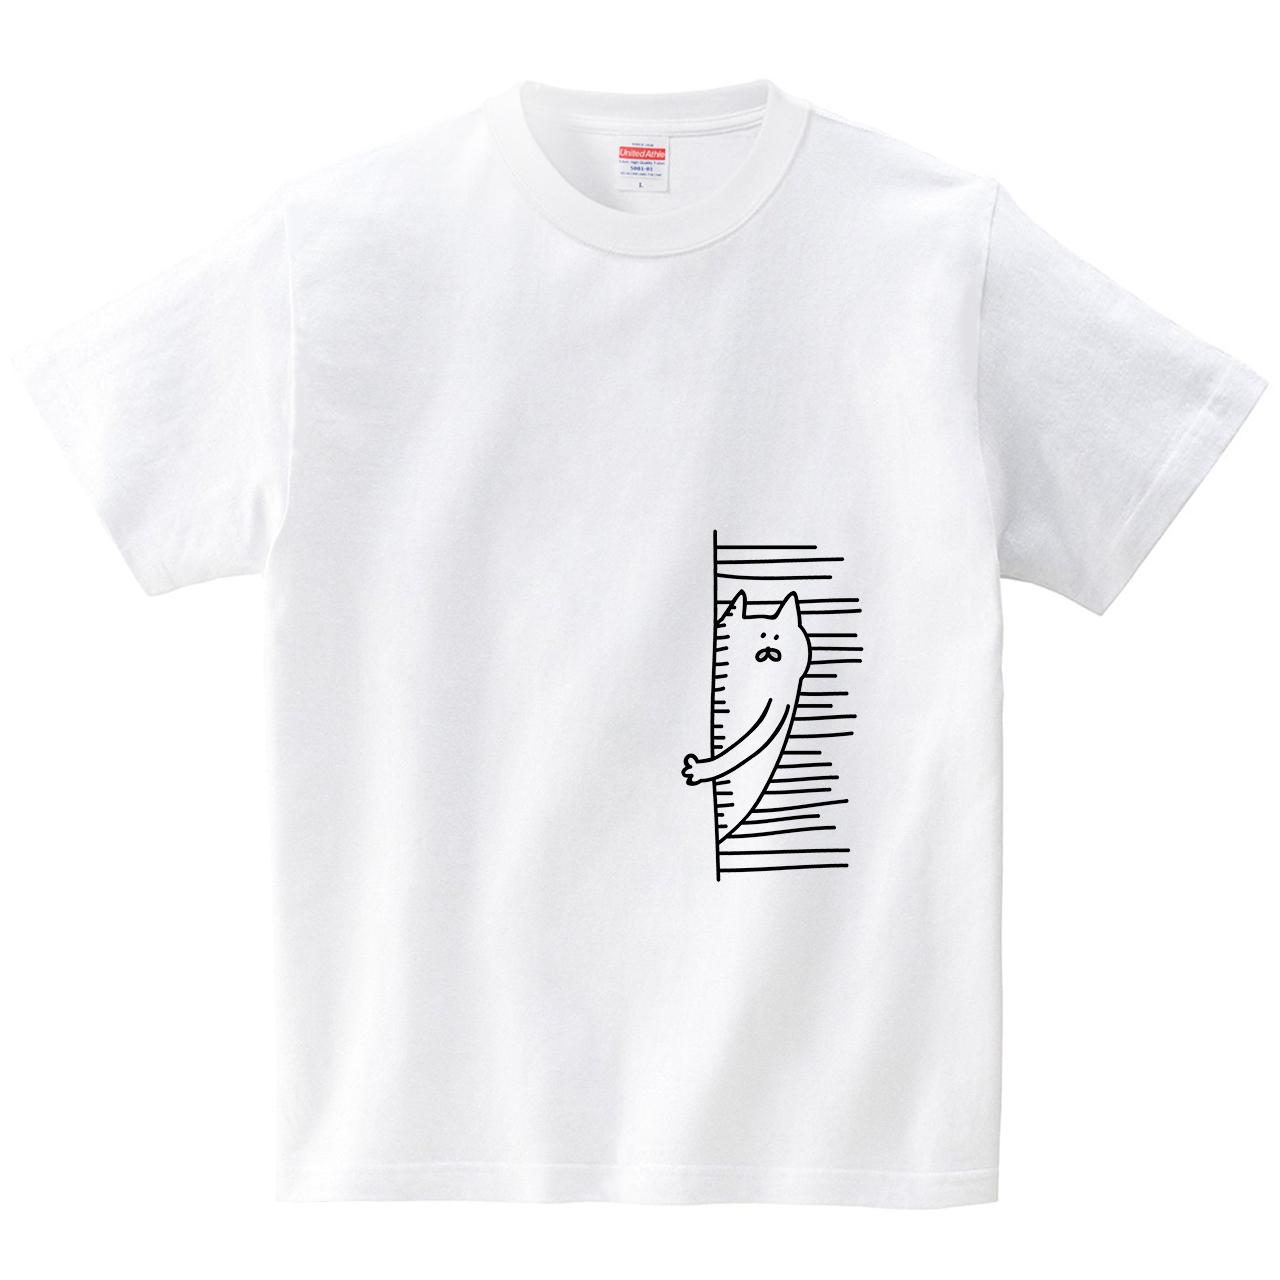 警戒中のネコ(Tシャツ・ホワイト)(オワリ)